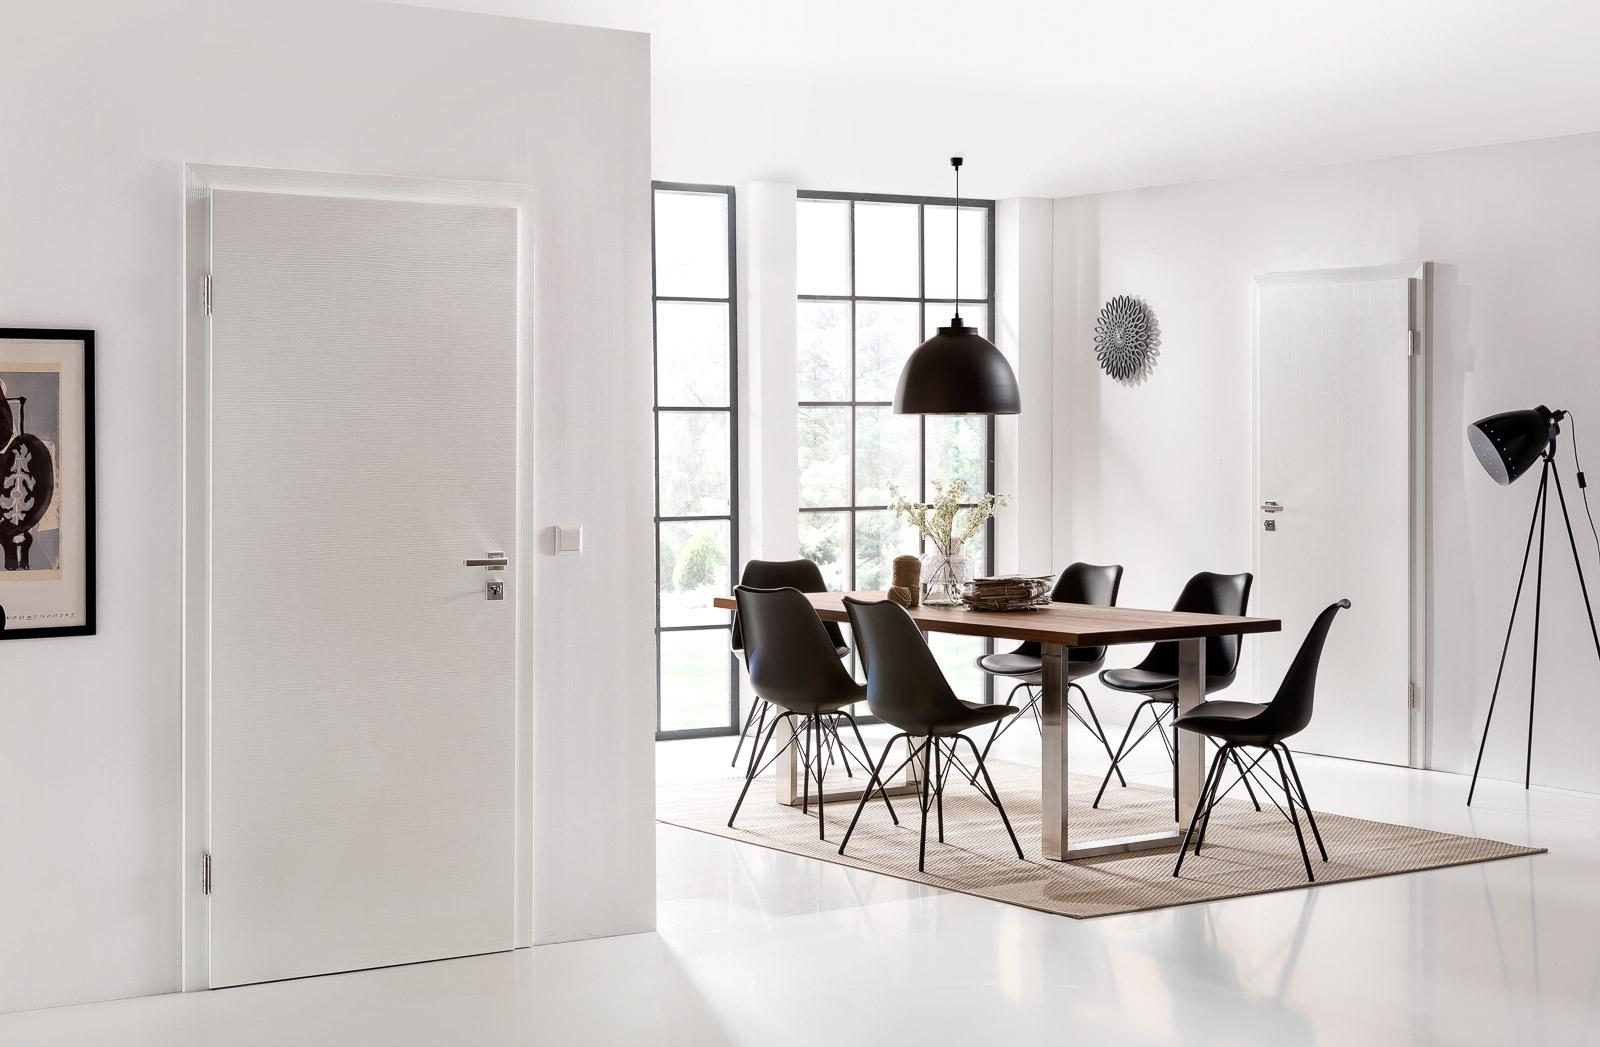 Glatte Türen: Blanke Türen